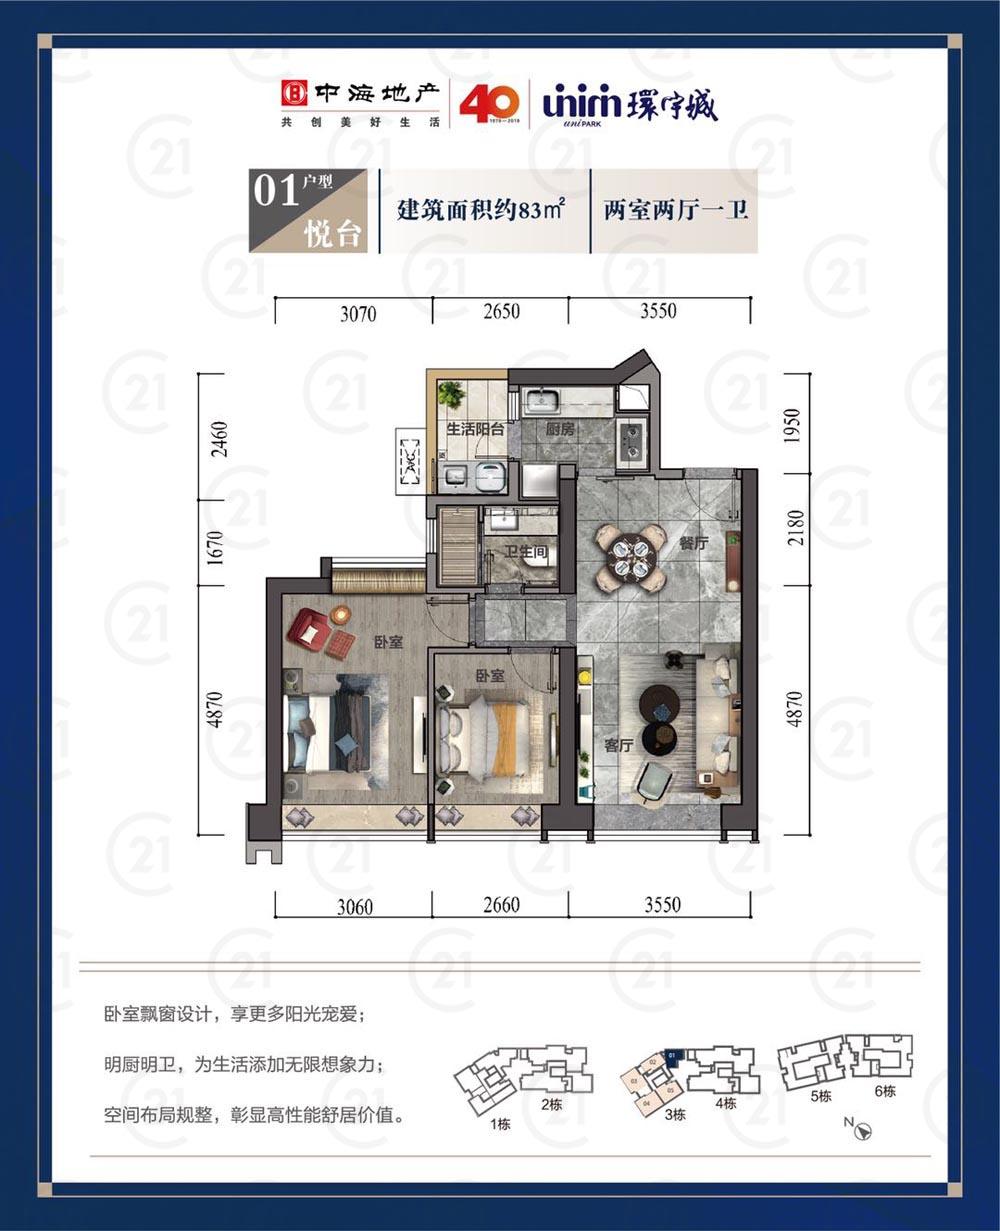 5中海环宇城-微信图片_20190603160550